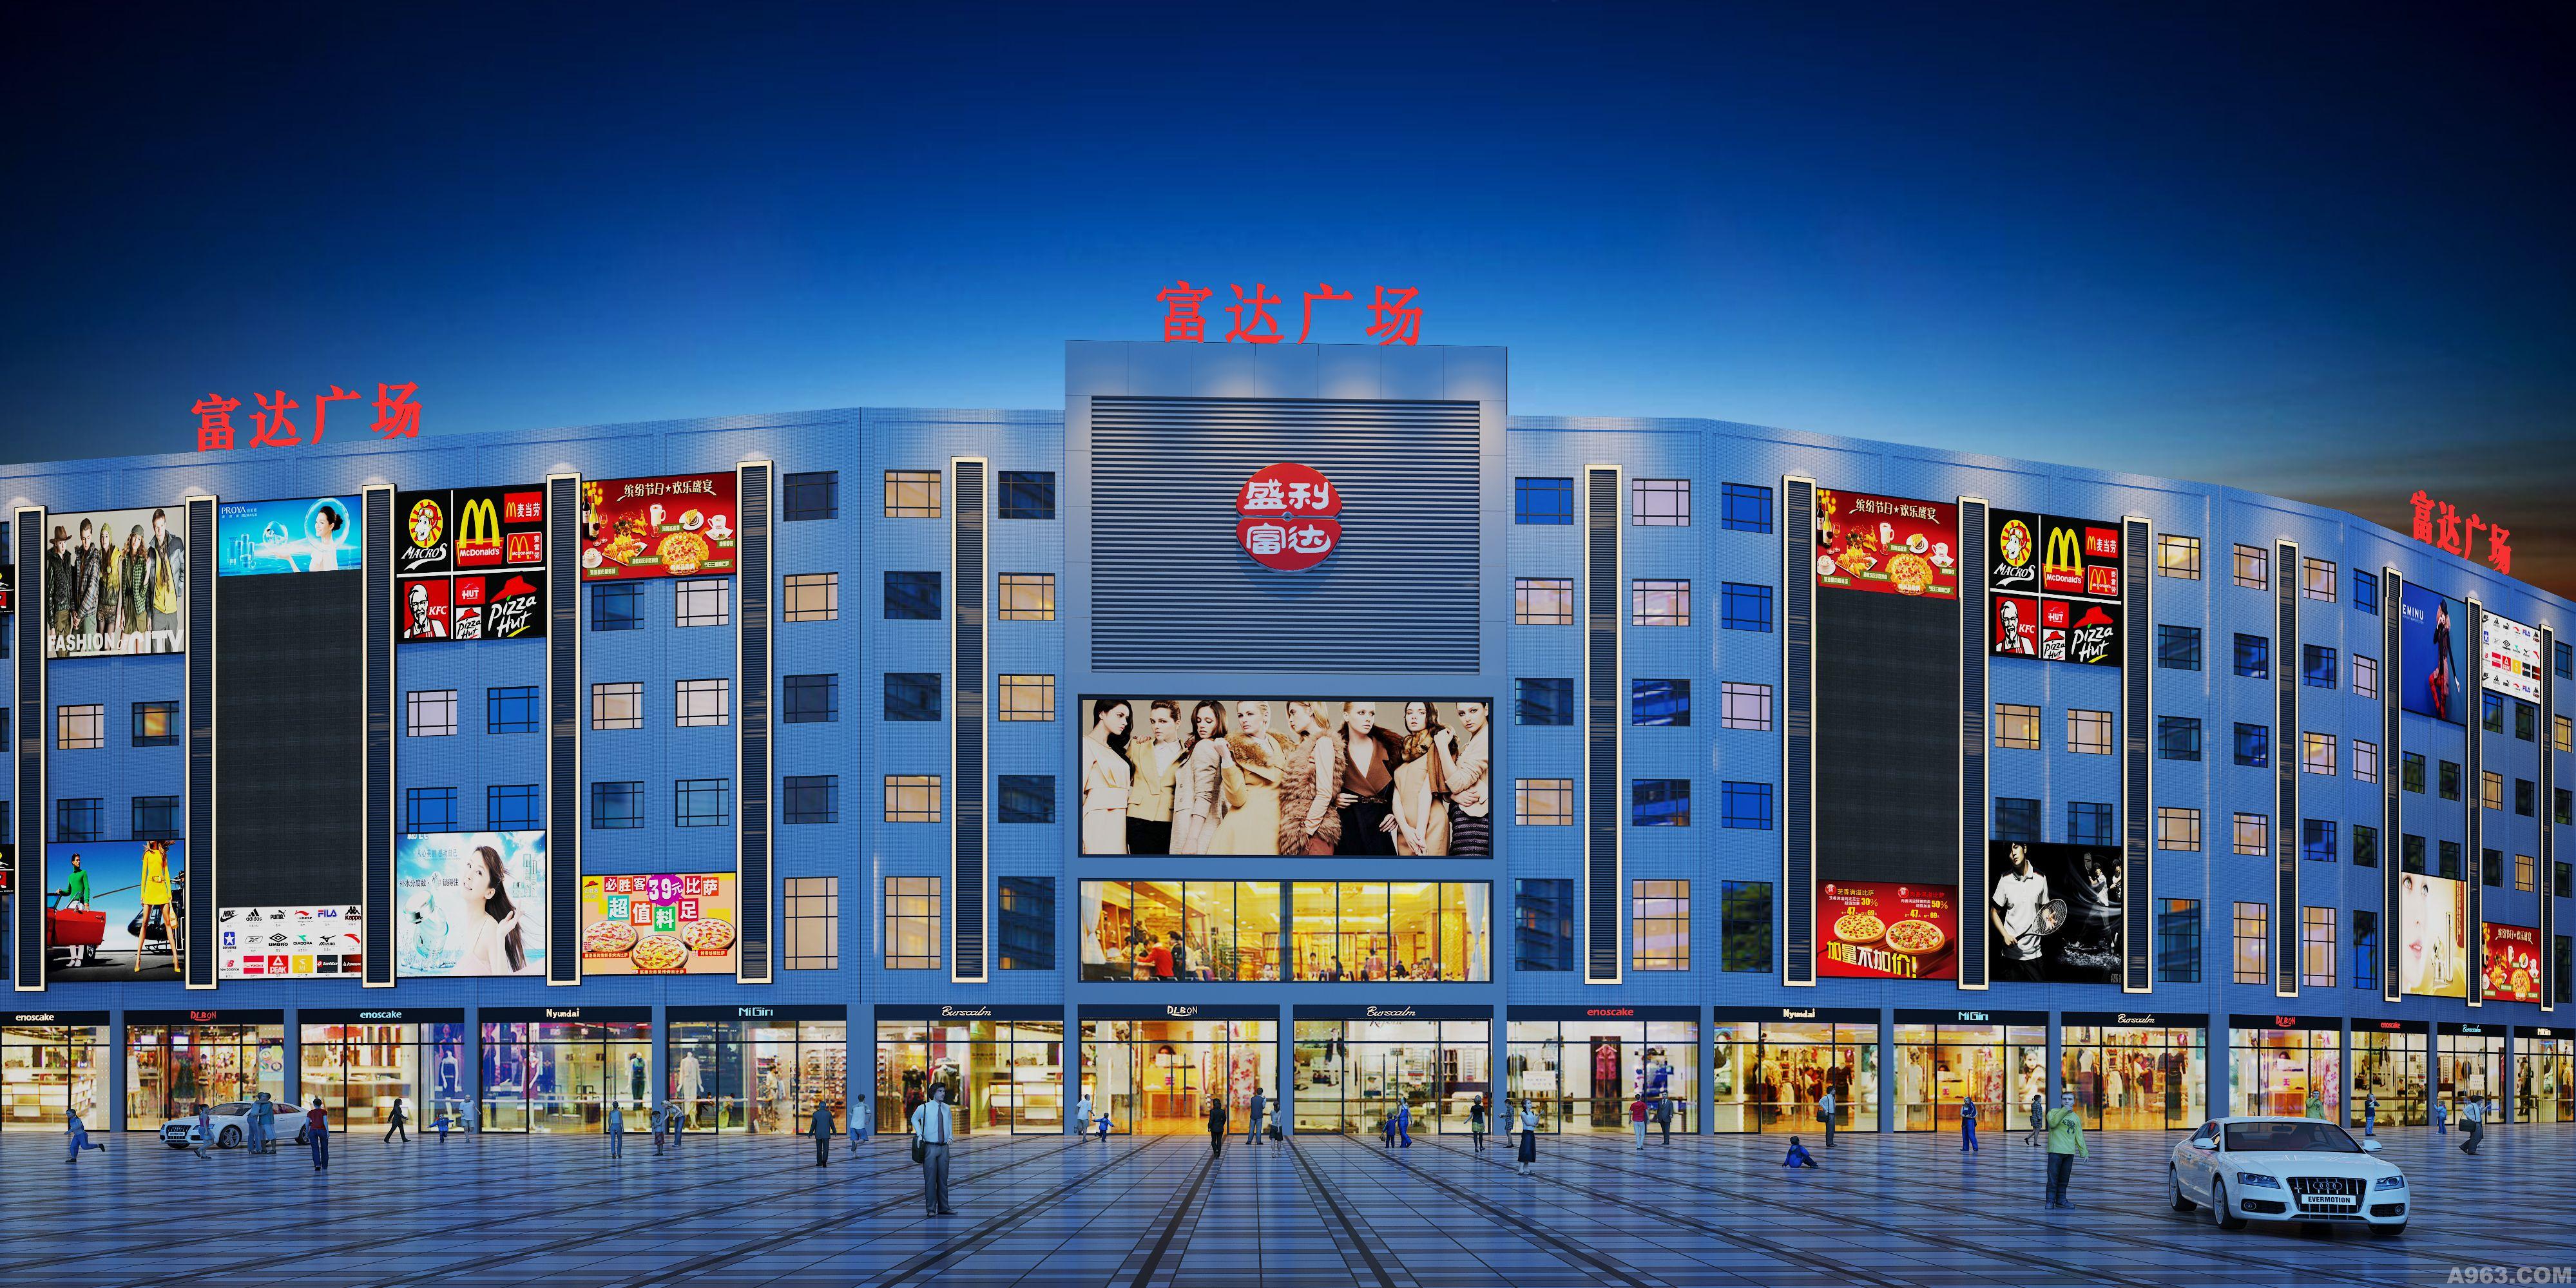 design 三层商业建筑效果图 商业建筑立面效果图  沿街二层楼效果图